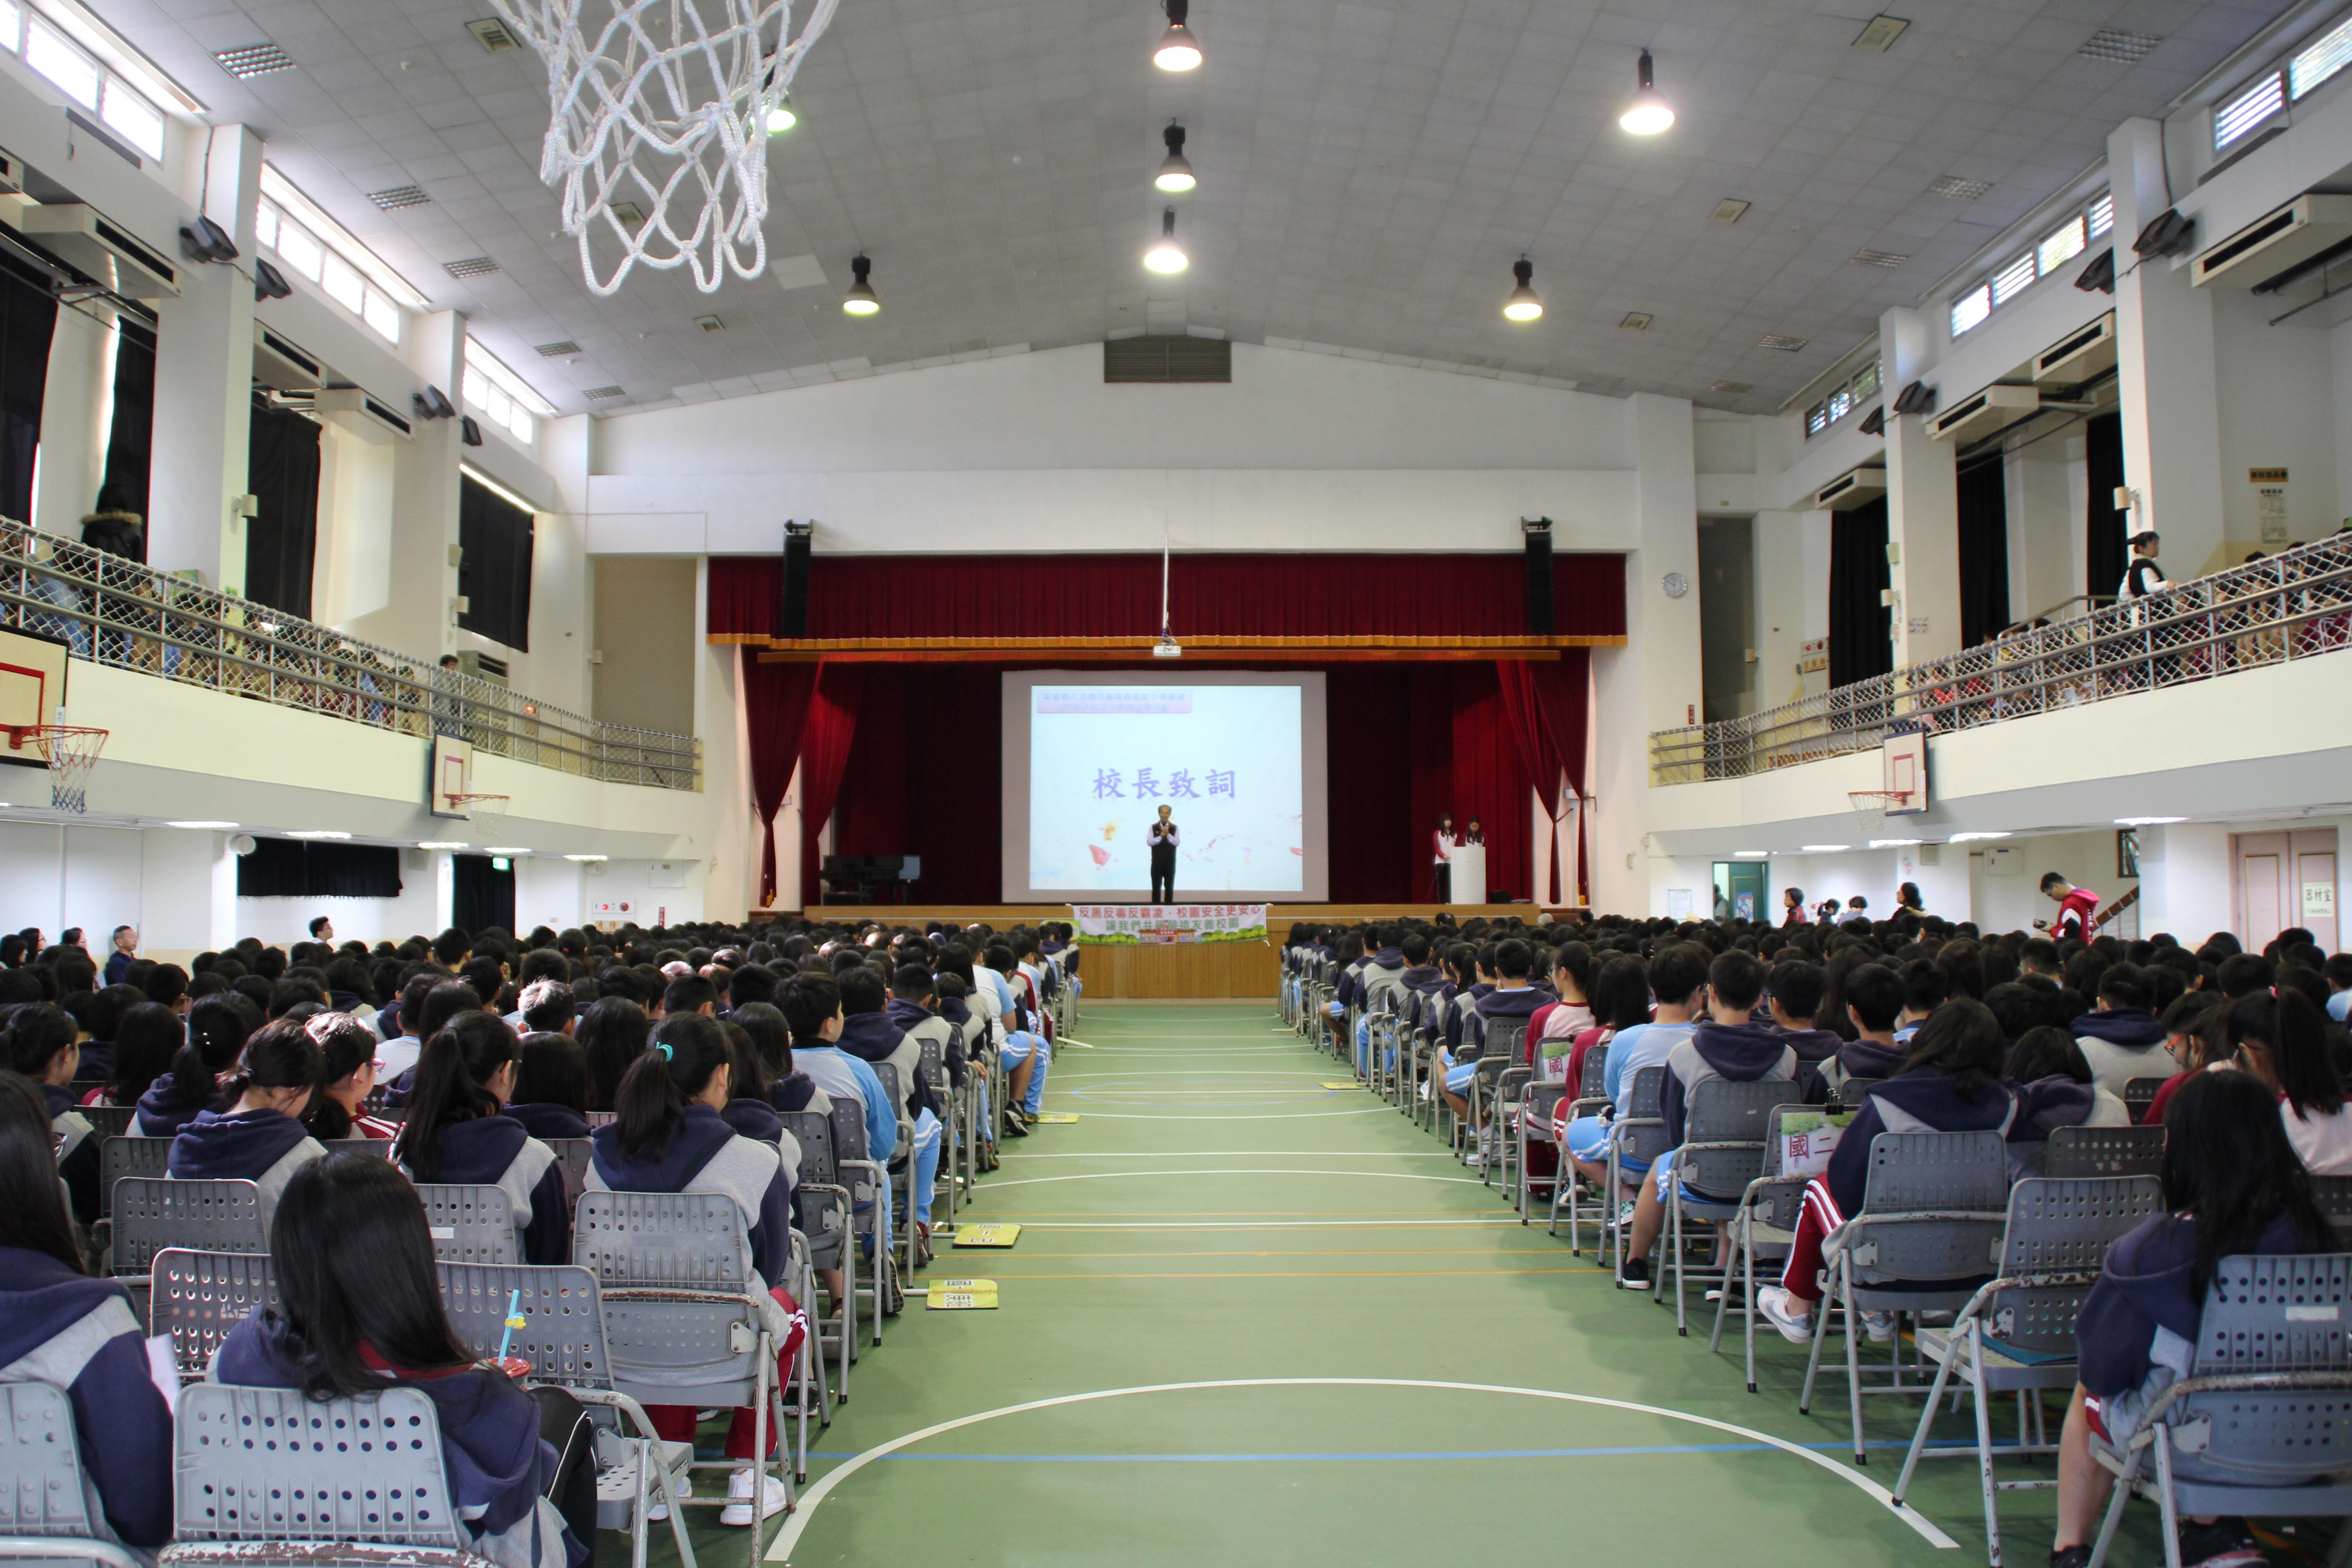 107學年度第二學期開學典禮